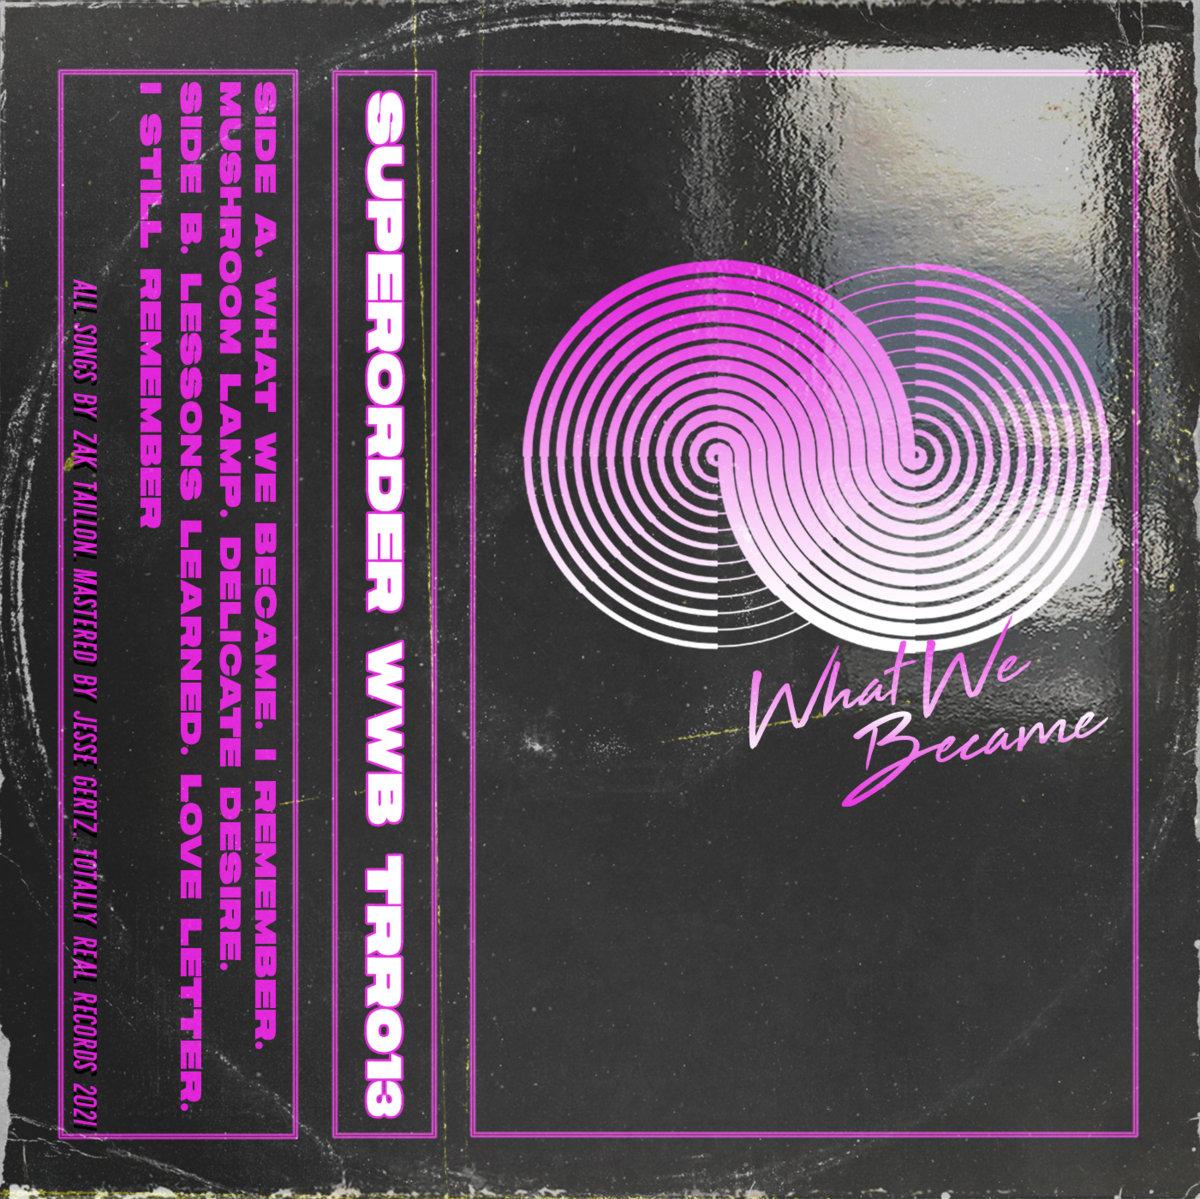 Superorder Album Cover